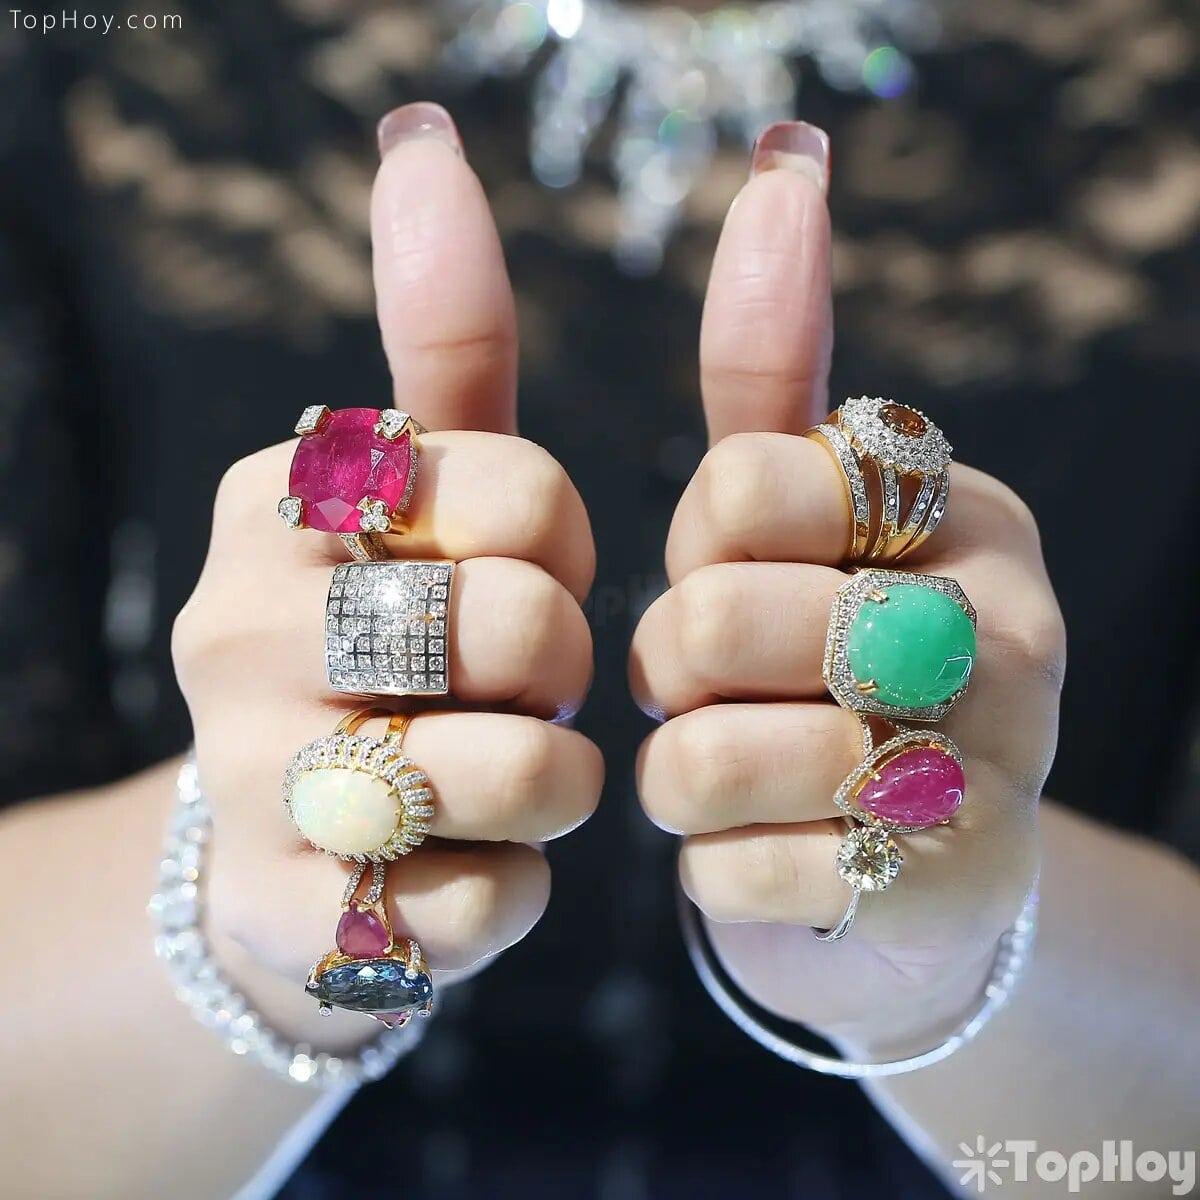 Adora los anillos anchos. Cuenta con más de 200 en su colección.